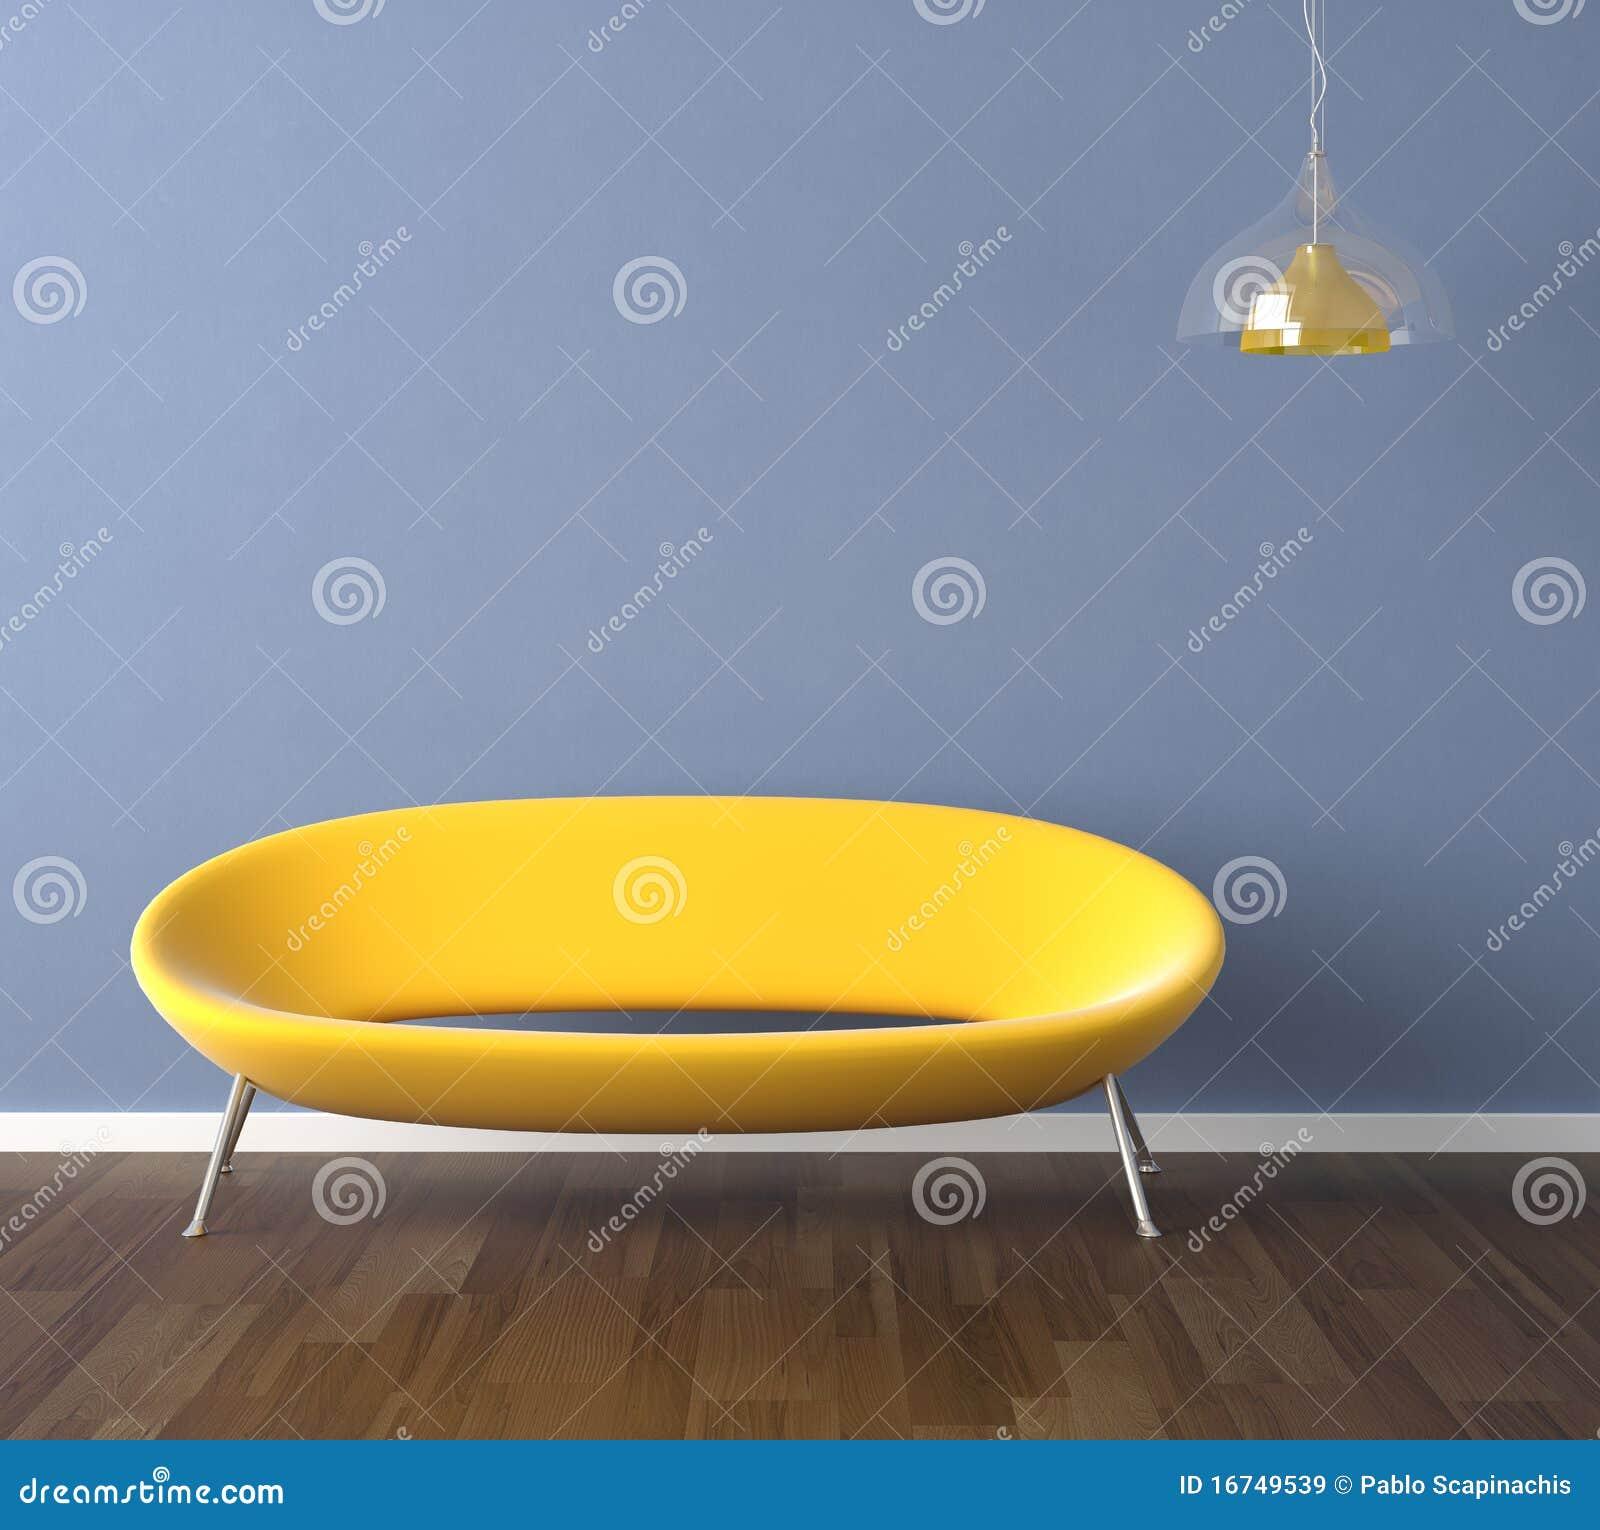 Blaue Wand Mit Gelber Couch Lizenzfreie Stockbilder - Bild ...